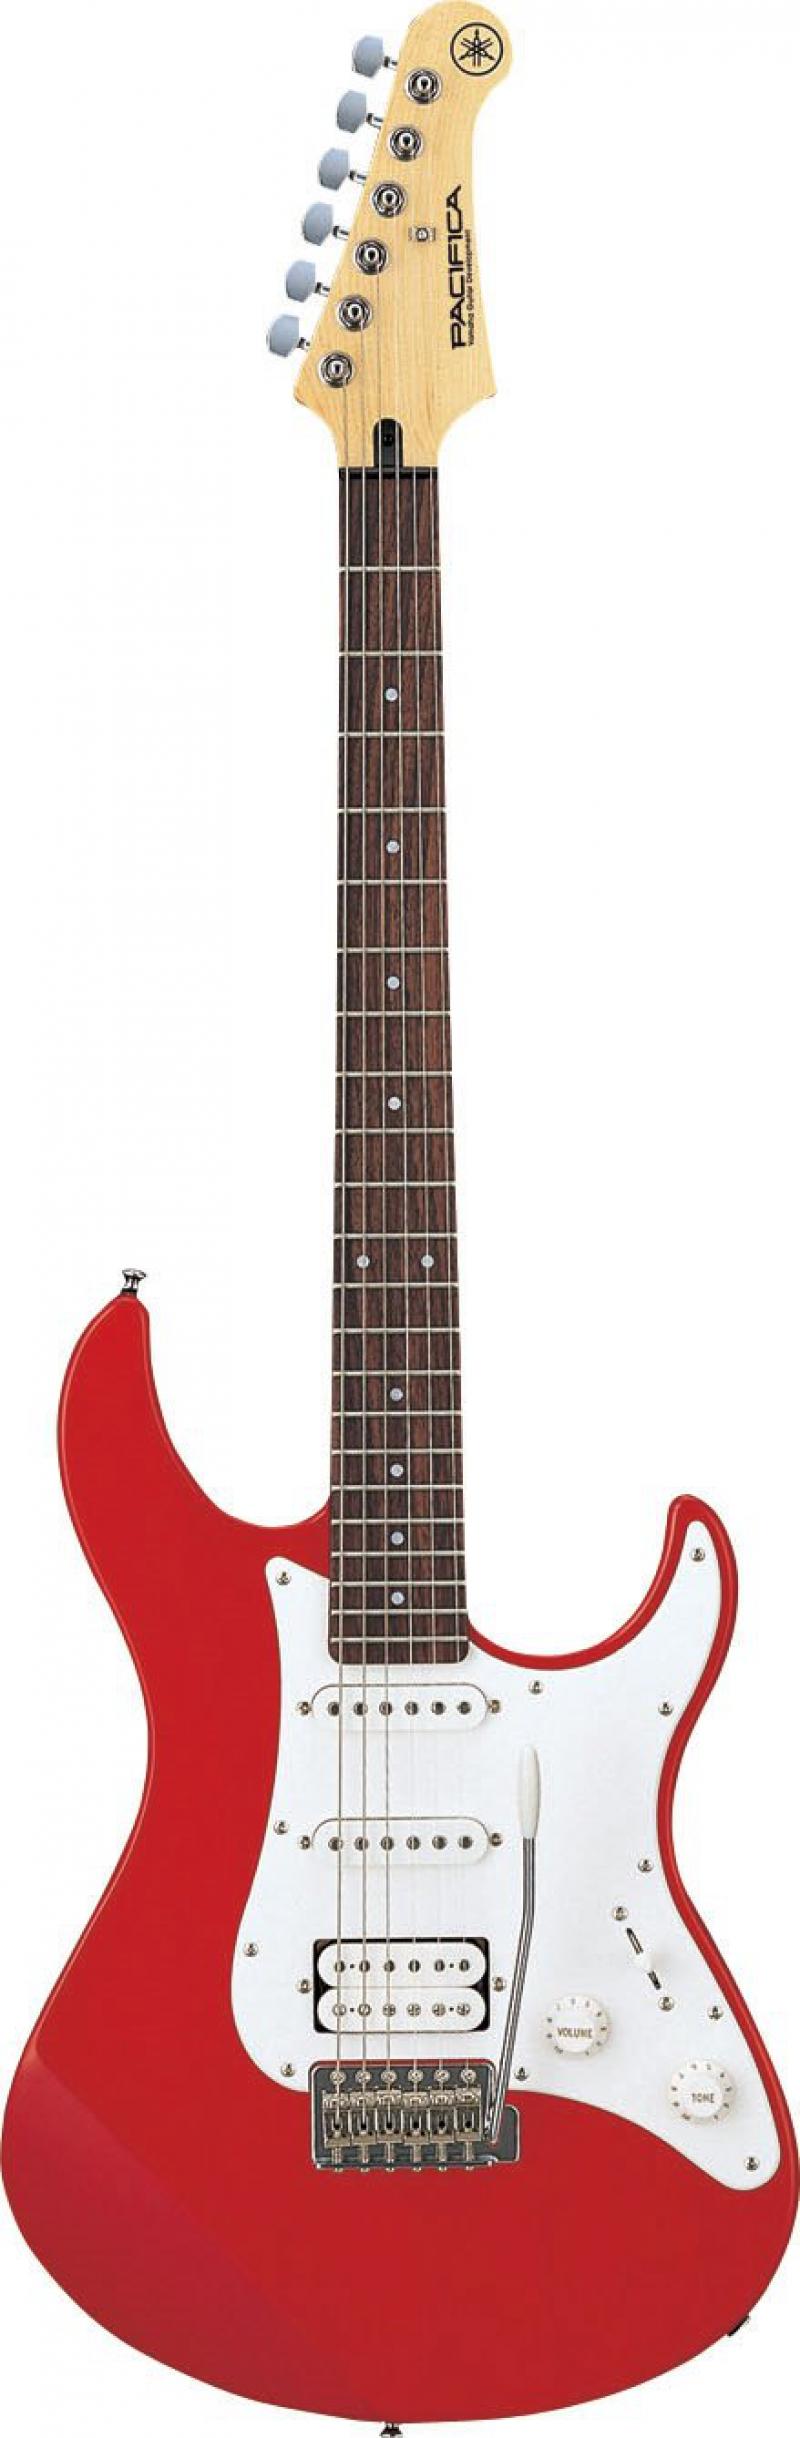 Yamaha Pacifica 112J RM elektriskā ģitāra